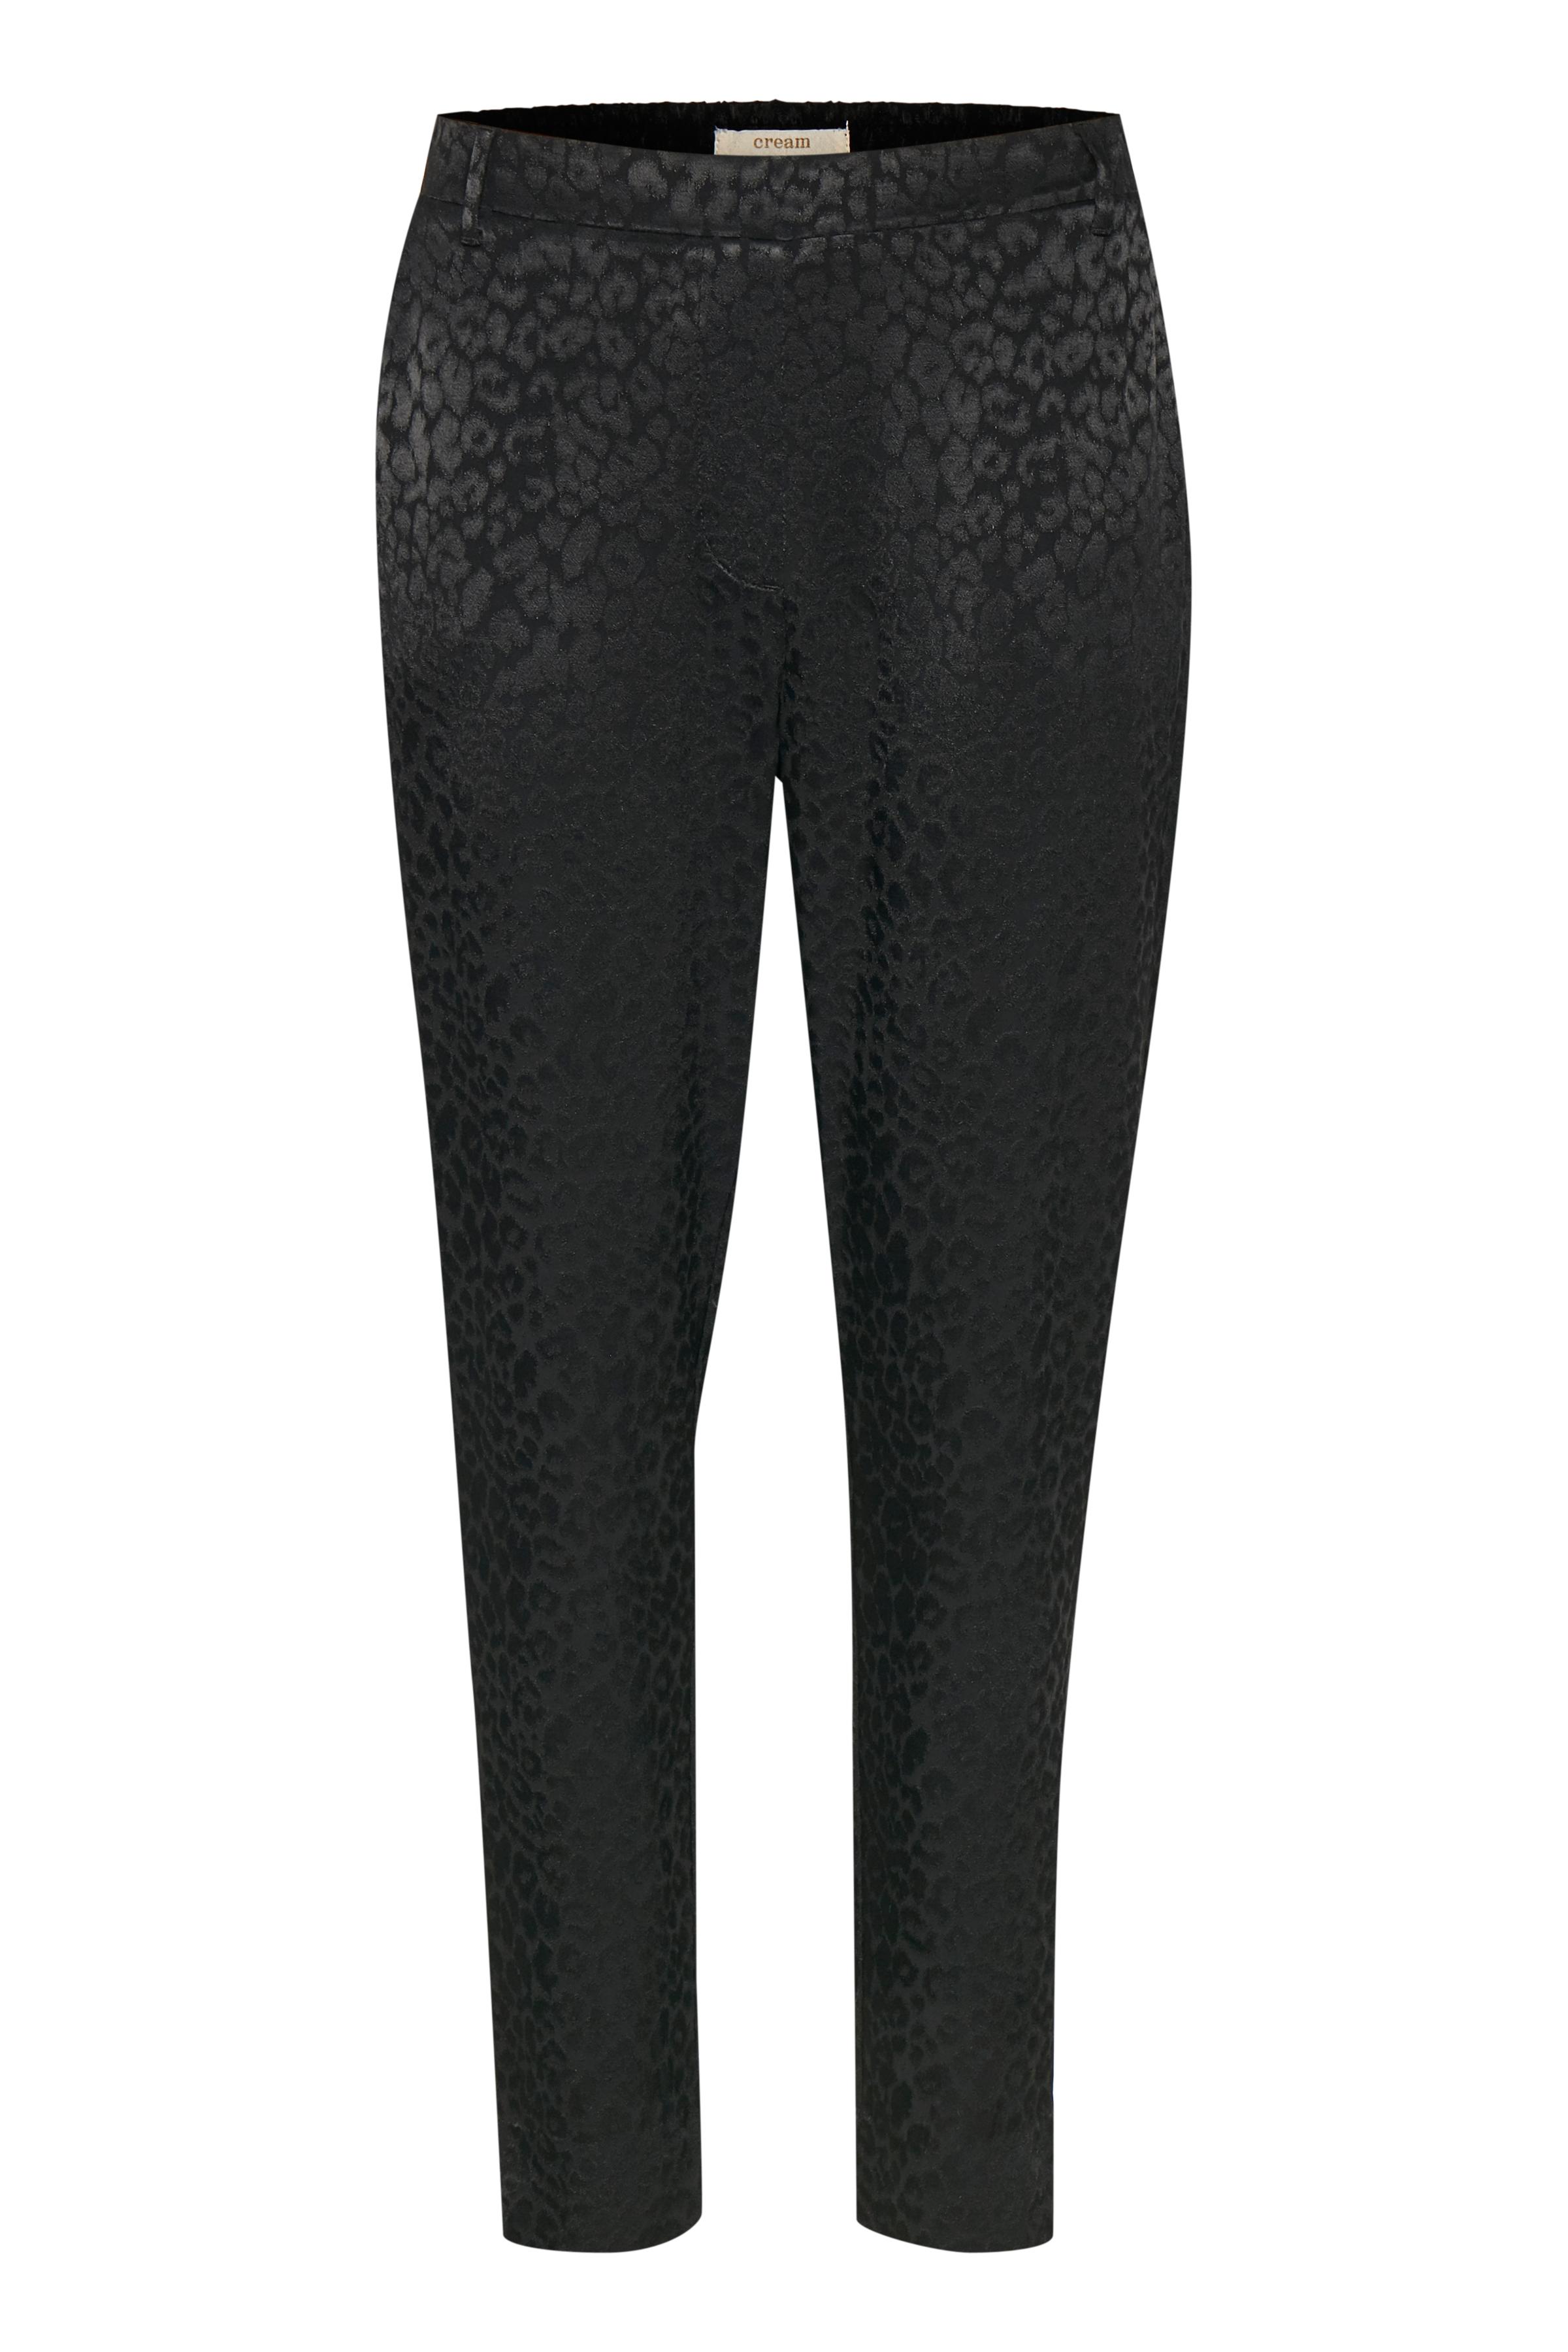 Image of Cream Dame Bløde Cream bukser med stiklommer foran og paspoleret lomme bagpå. Elastik i taljen bagpå og fast linning foran. Bæltestropper og knap- og lynlåslukning. Vævet jaquard kvalitet. Bukserne - Sort